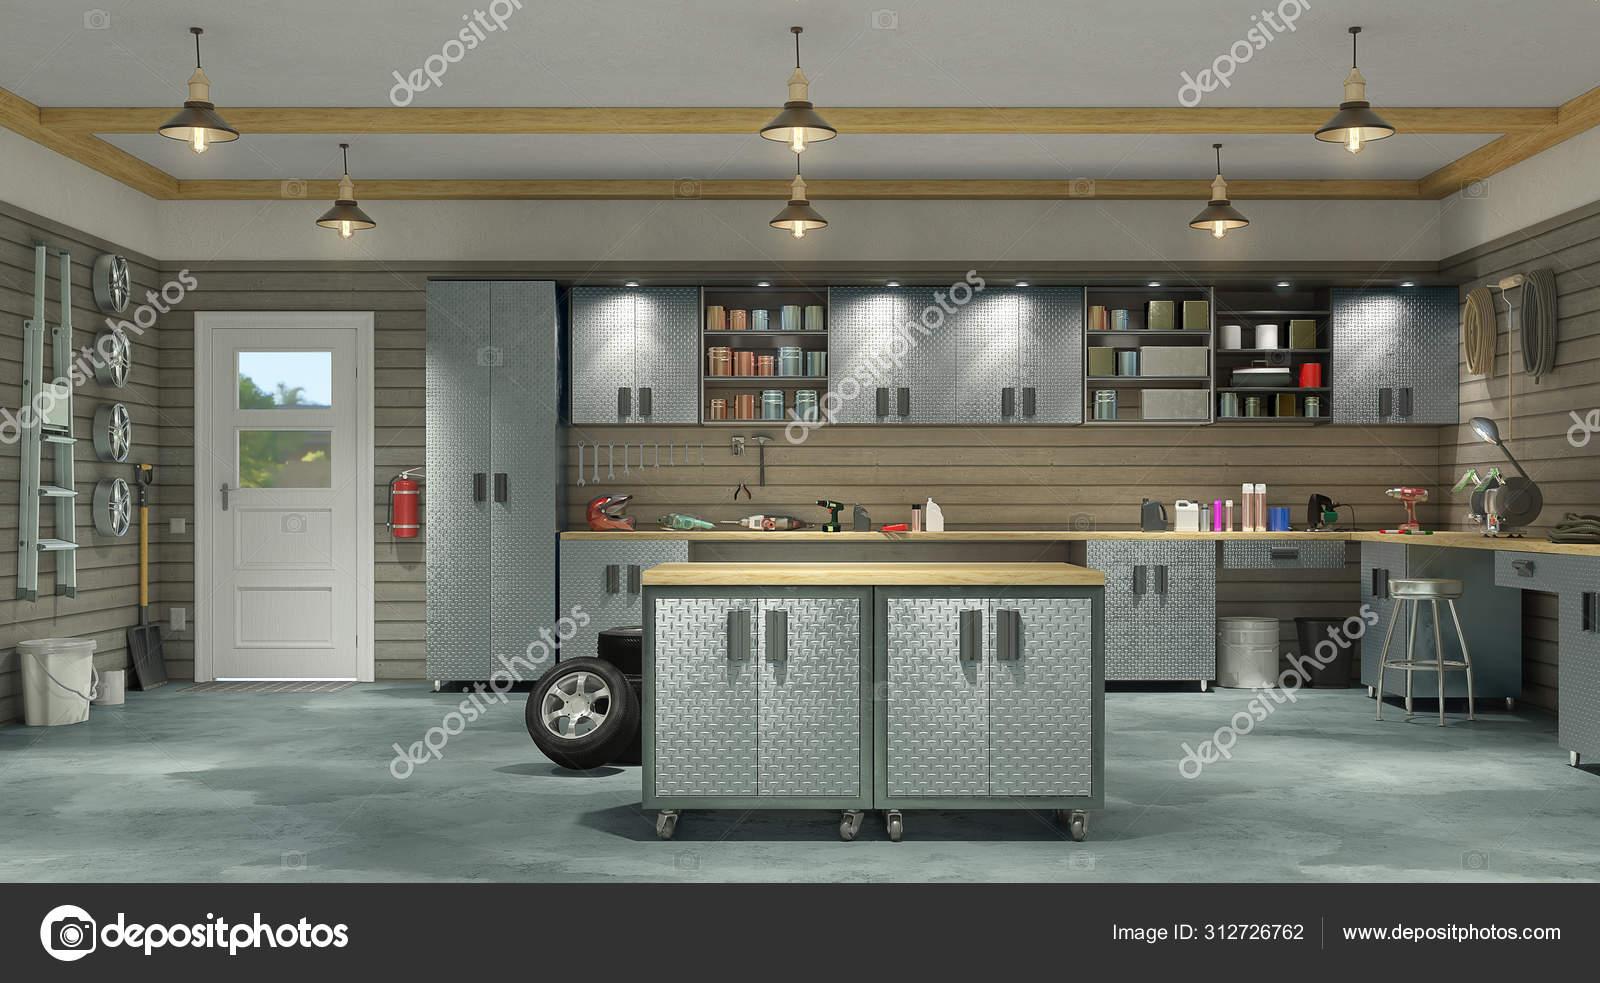 Modern Garage Interior 3d Illustration Stock Photo C Urfingus 312726762